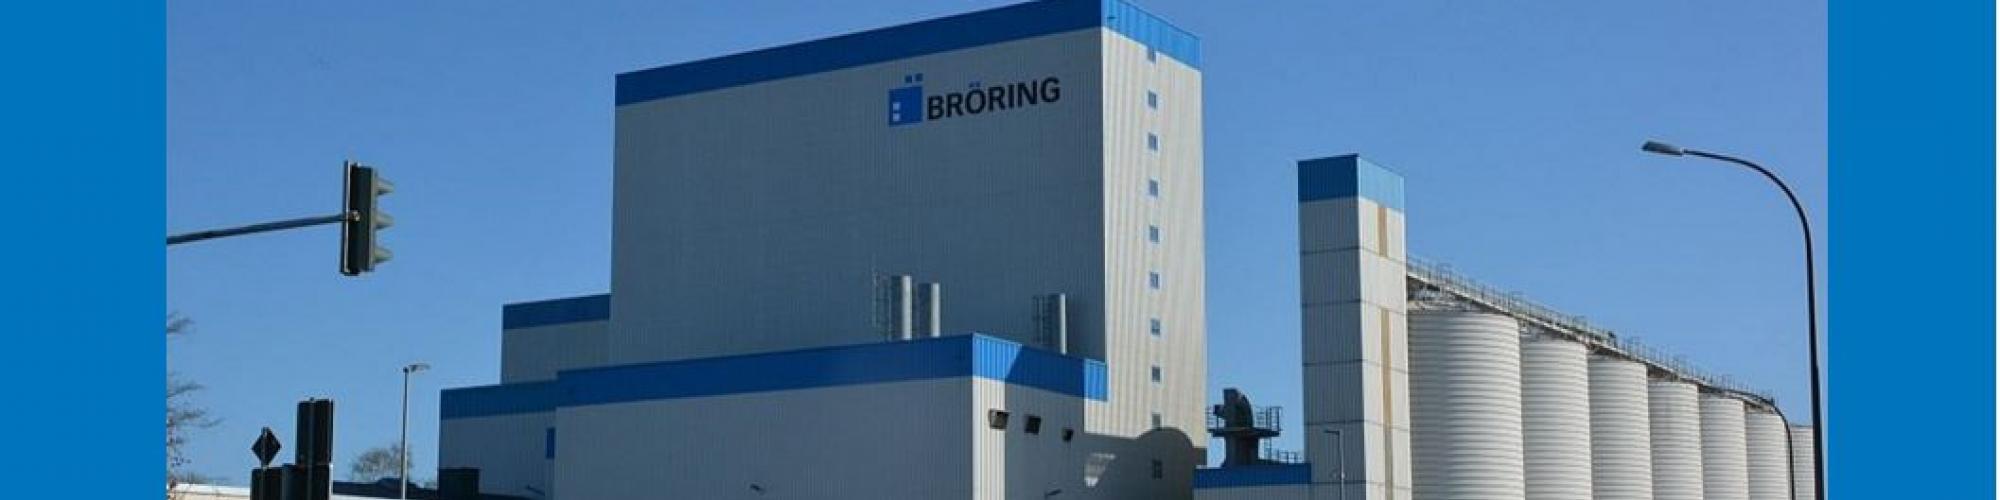 H. Bröring GmbH & Co. KG